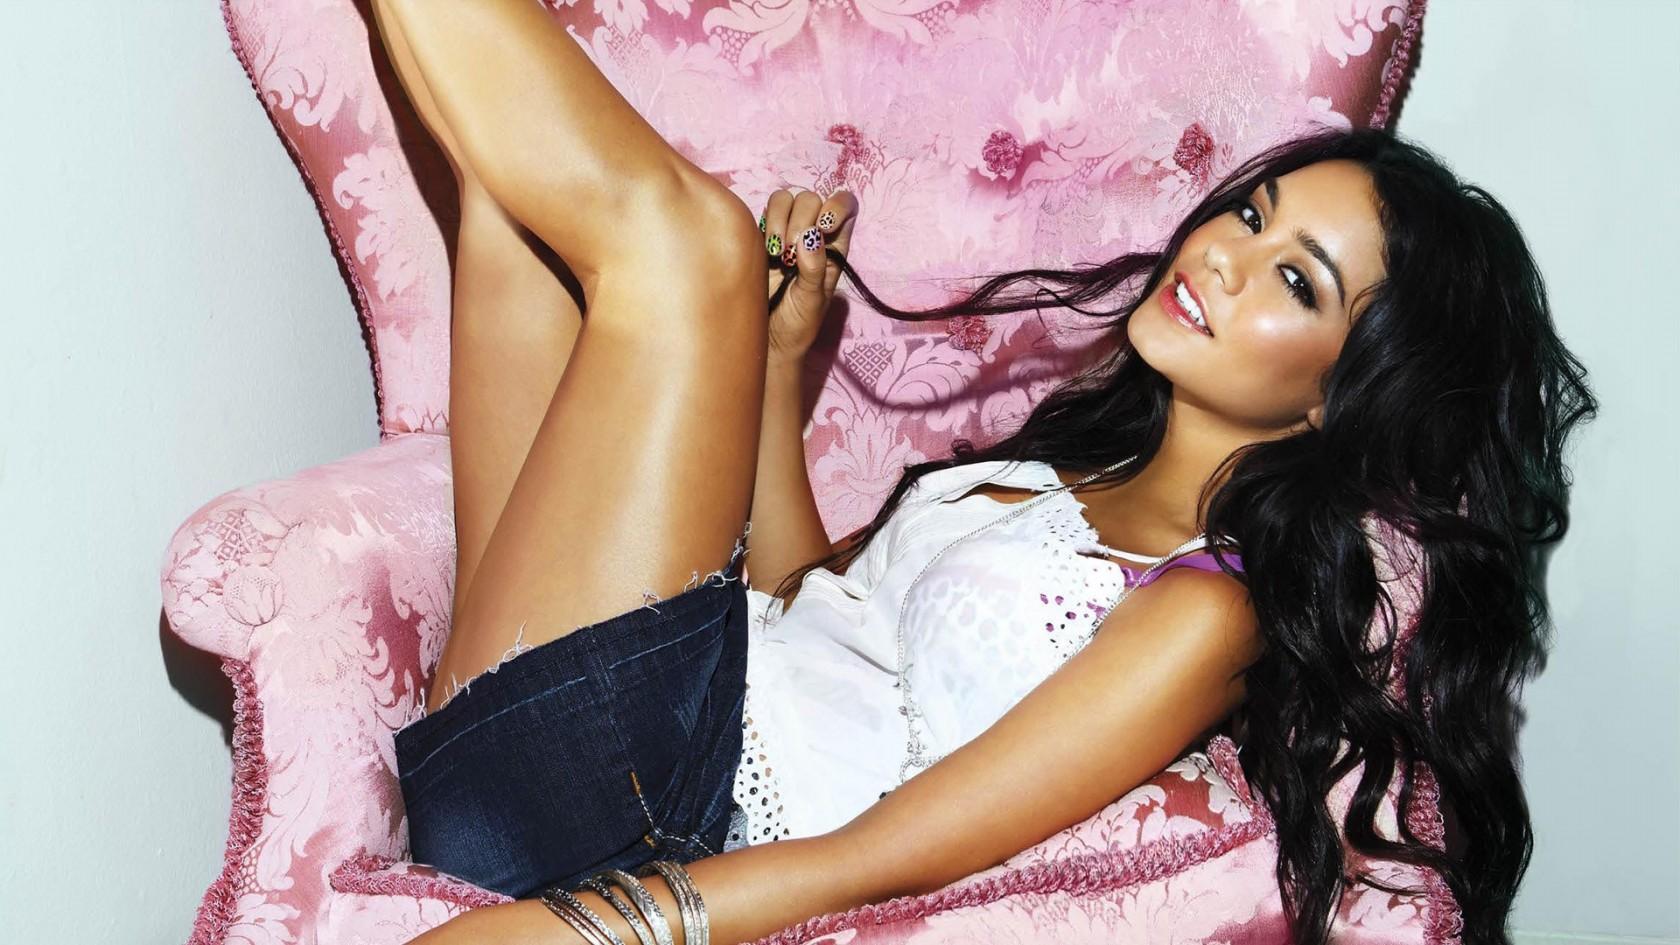 Vanessa Hudgens Hot Vanessa Hudgens Background Hd Wallpaper Jpg